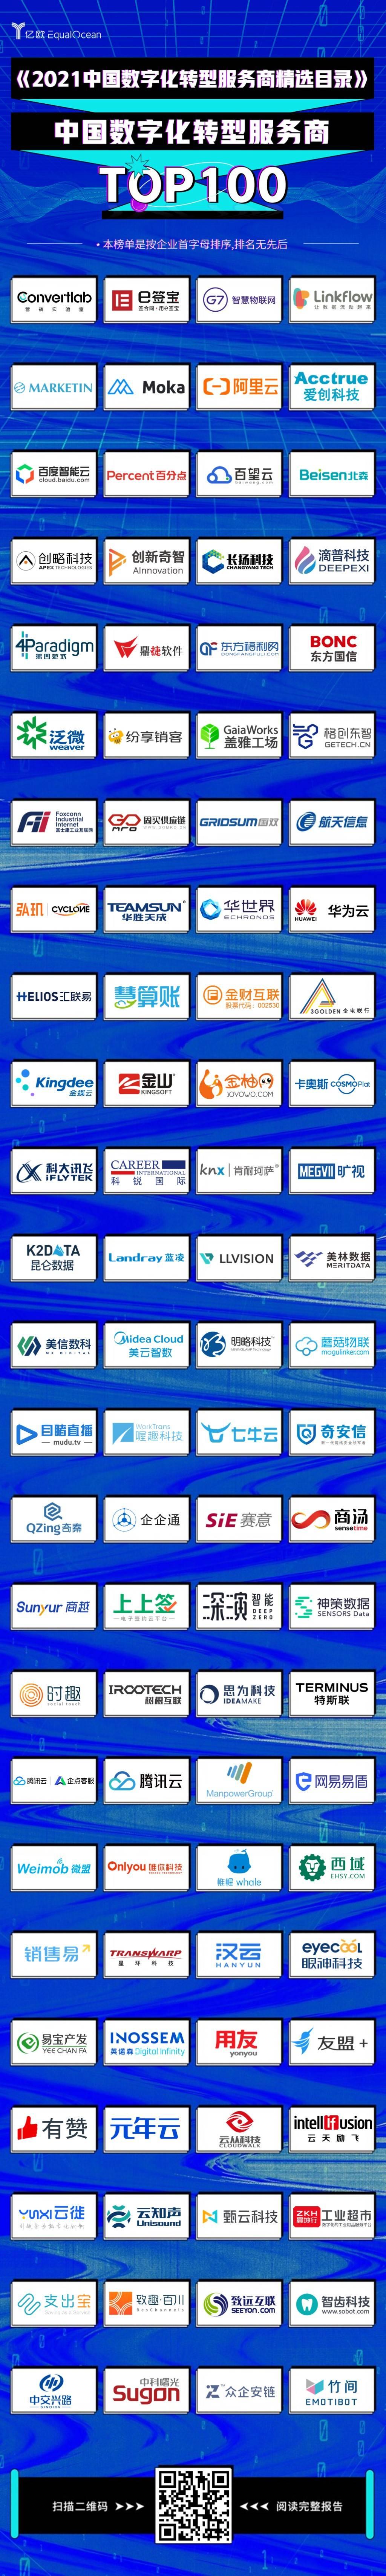 中国数字化转型服务商TOP100榜单-亿欧EqualOcean.jpeg.jpeg